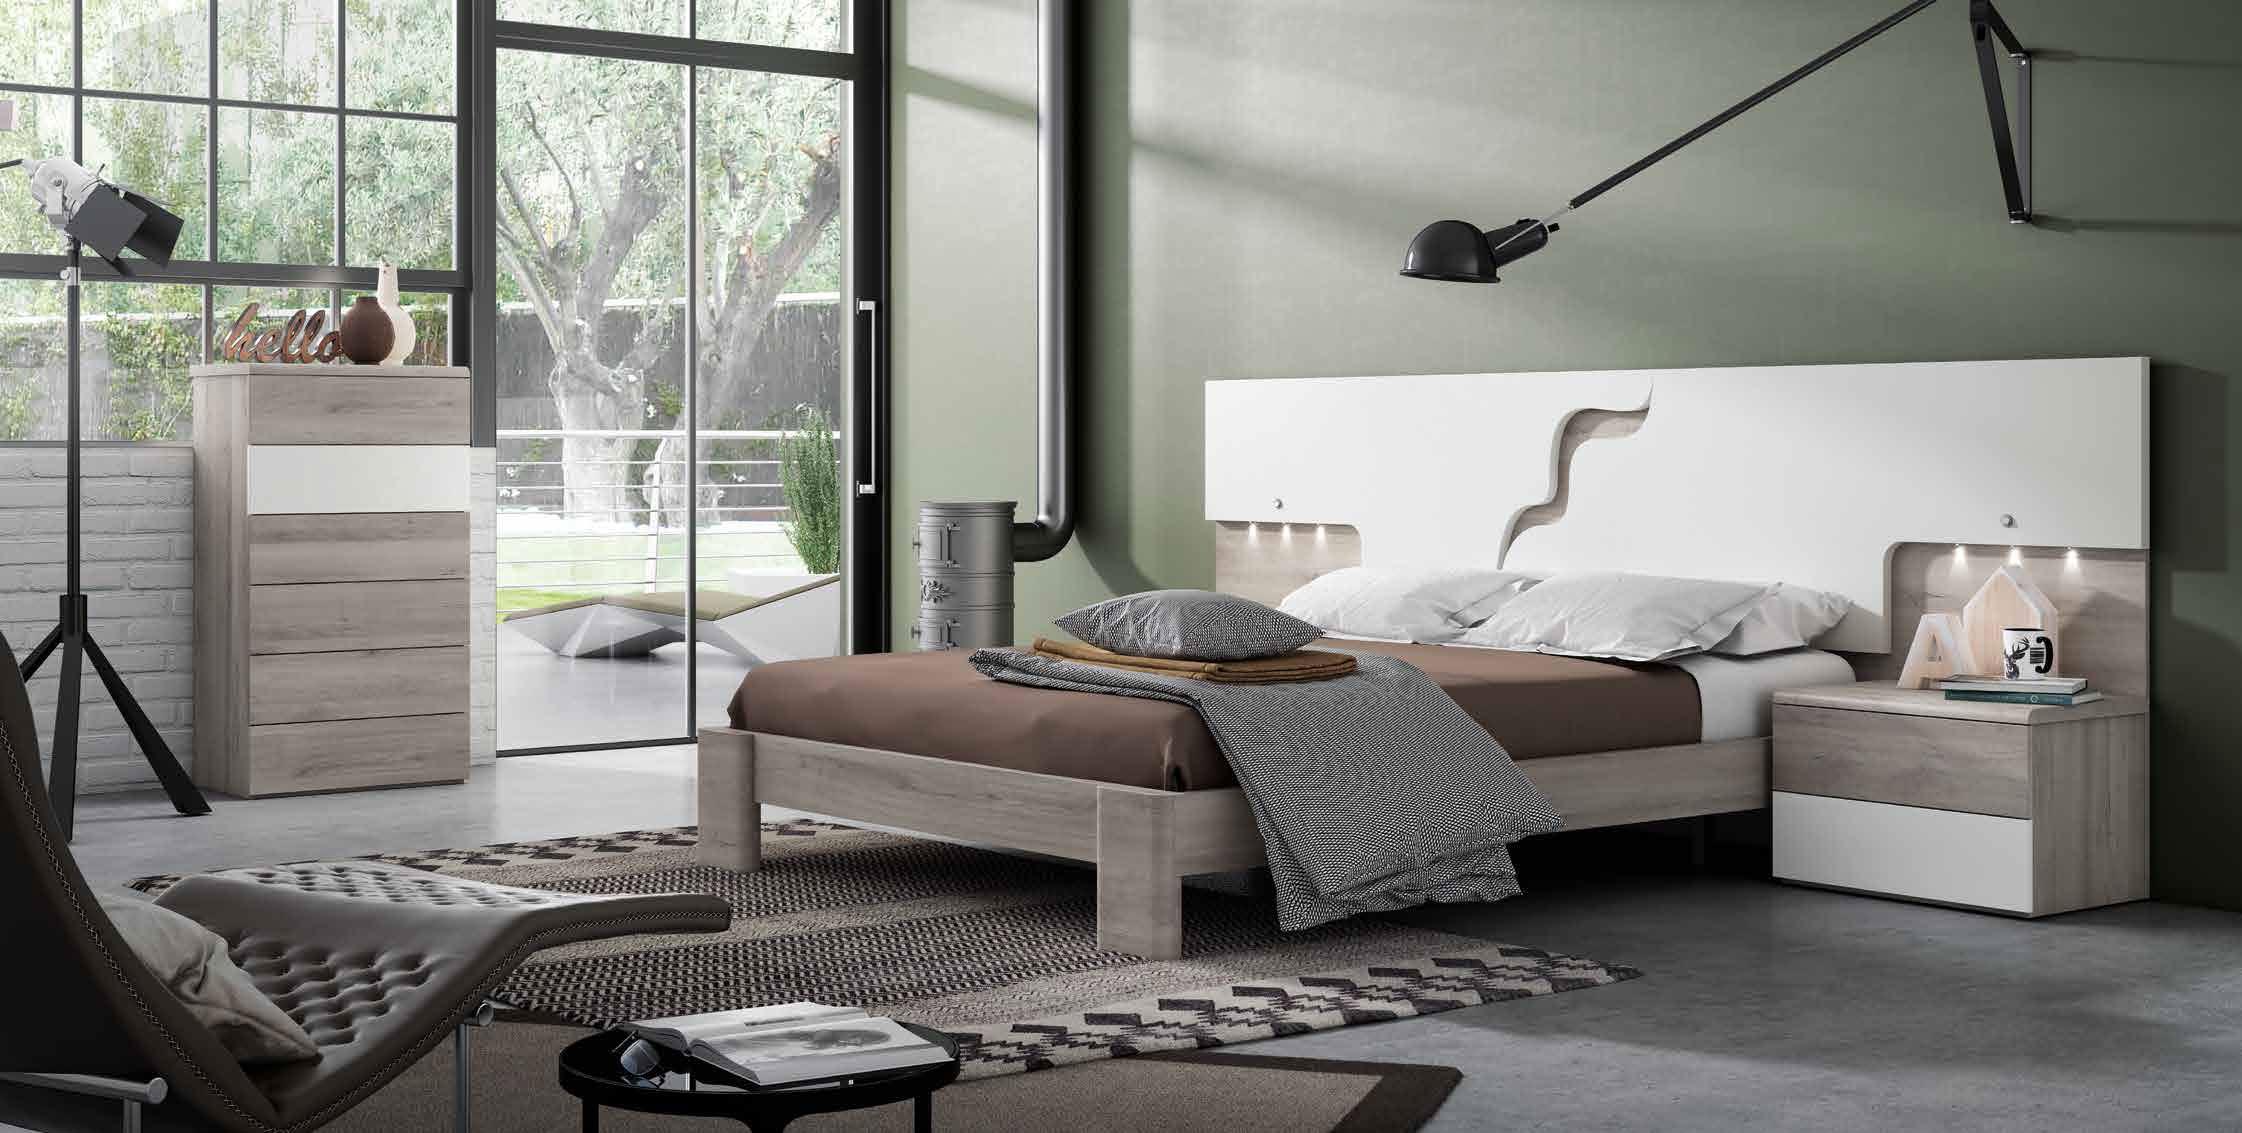 creta-dormitorio-quios-20